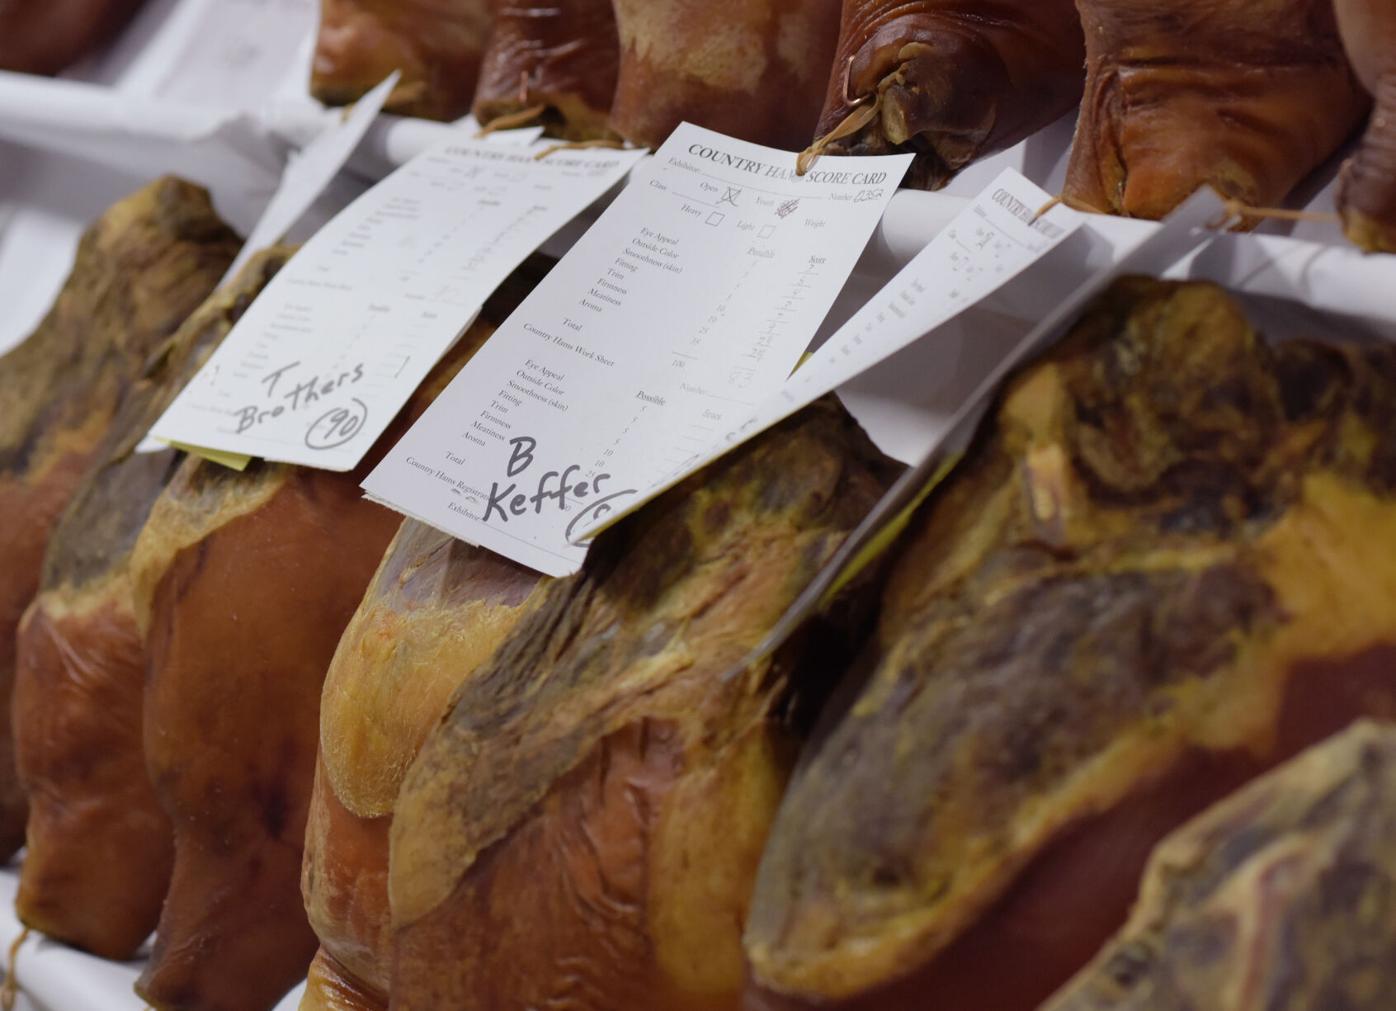 Hams fill the shelves